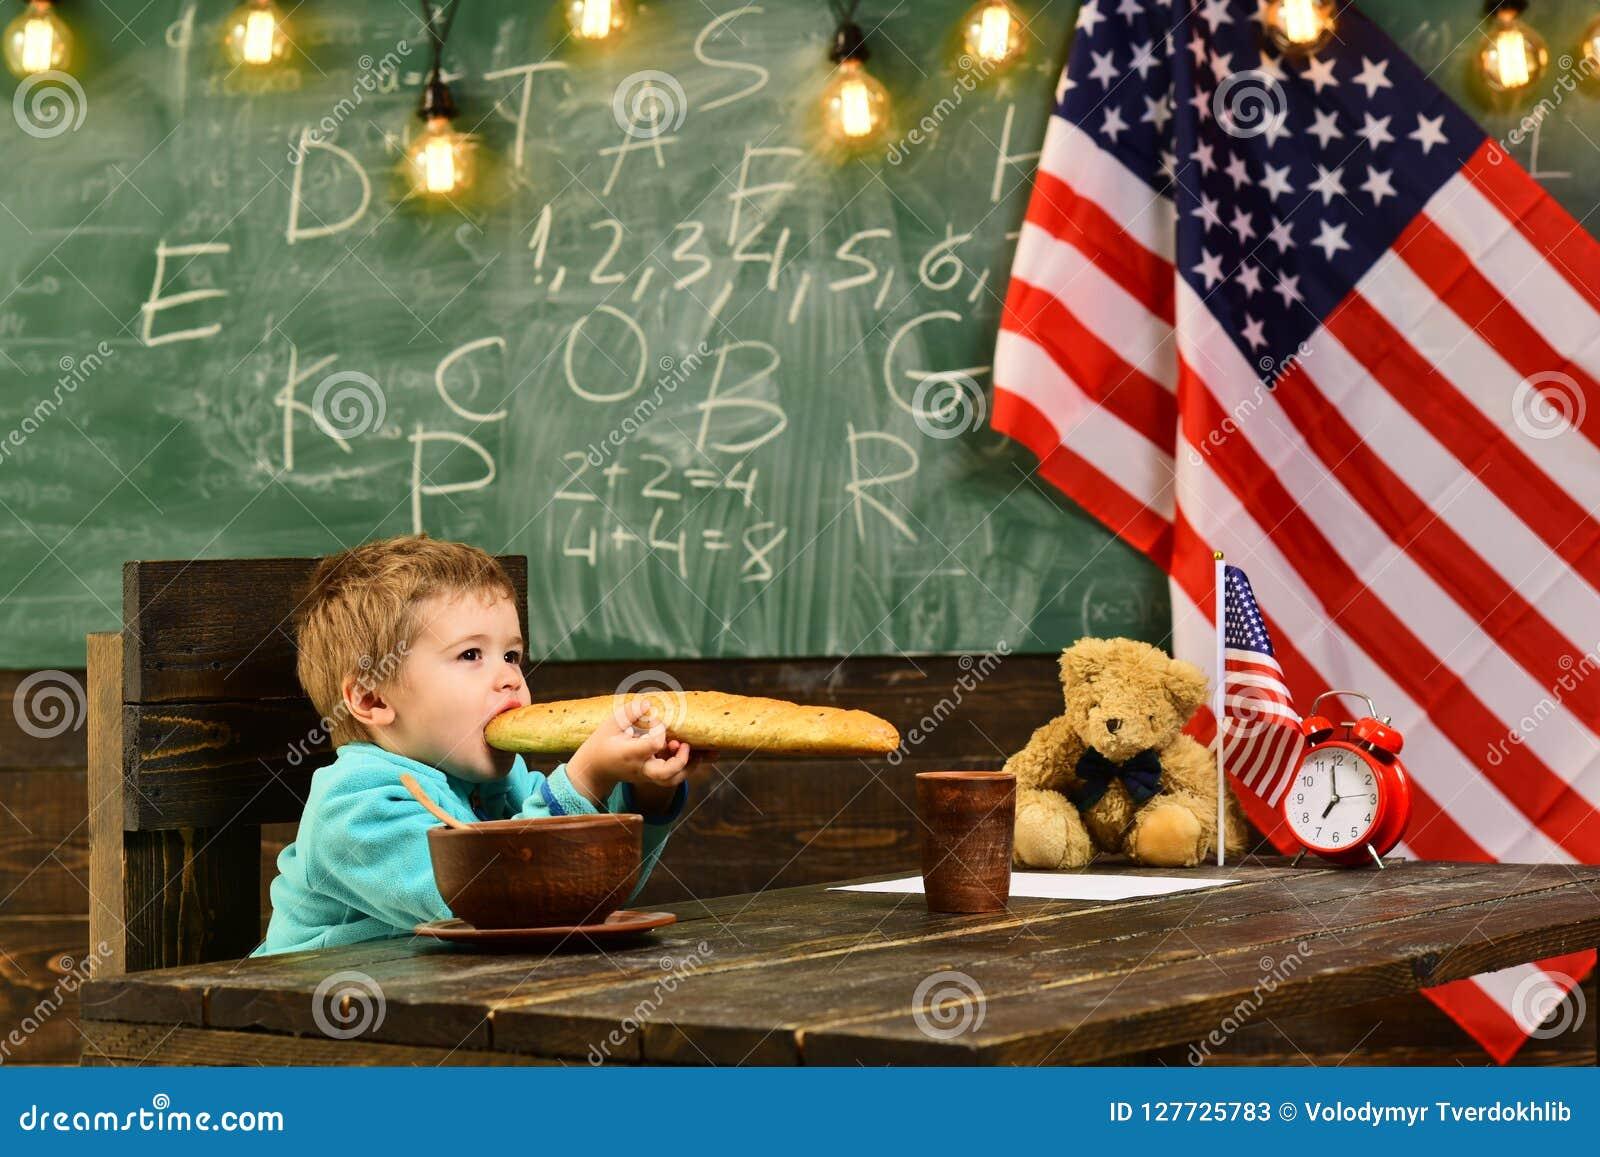 Patriotyzm i wolność patritism małe dziecko przy szkołą z usa zaznacza na dnia niepodległości wakacje